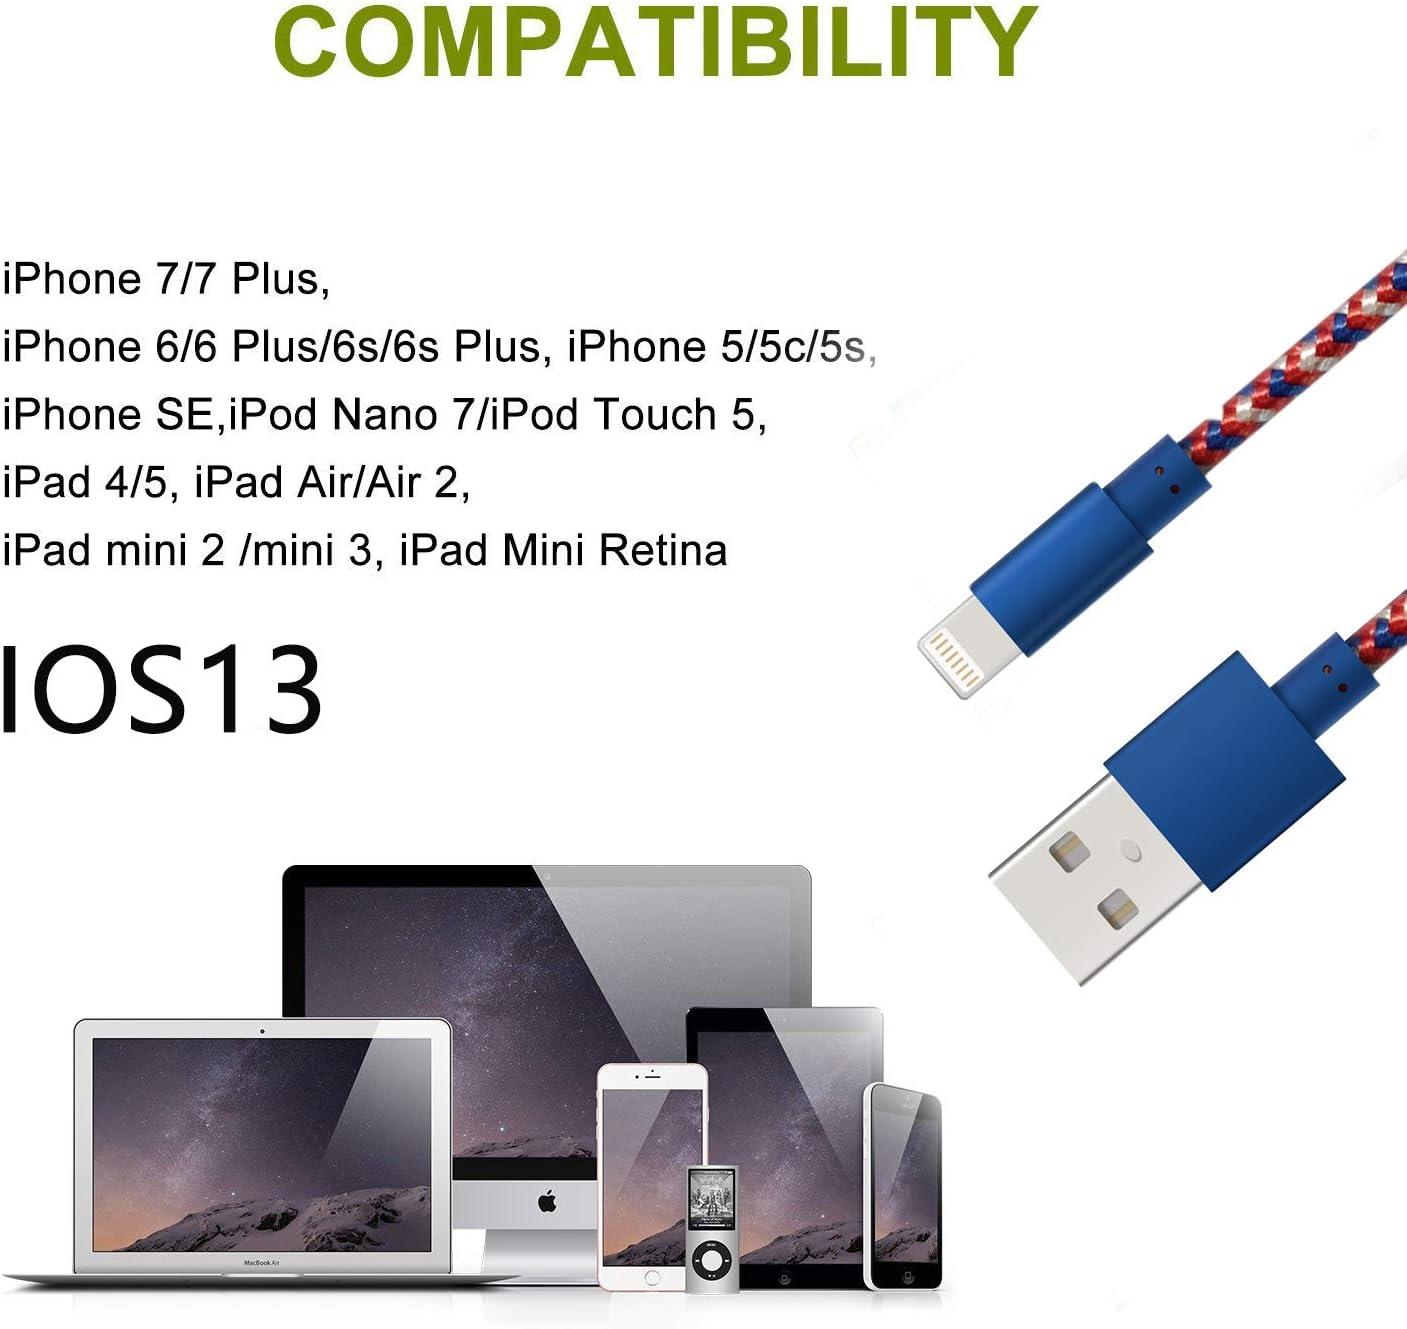 Certifi/é Apple MFi Chargeur iPhone Cable, 5c//5s//5//SE 3FT Fast Sync USB Lightning Cable Nylon Tress/é en Fibre pour iPhone XS//MAX//XR//X//8//8//Plus//7//7 Plus//6//6s//6s Plus iPad Mini//Air